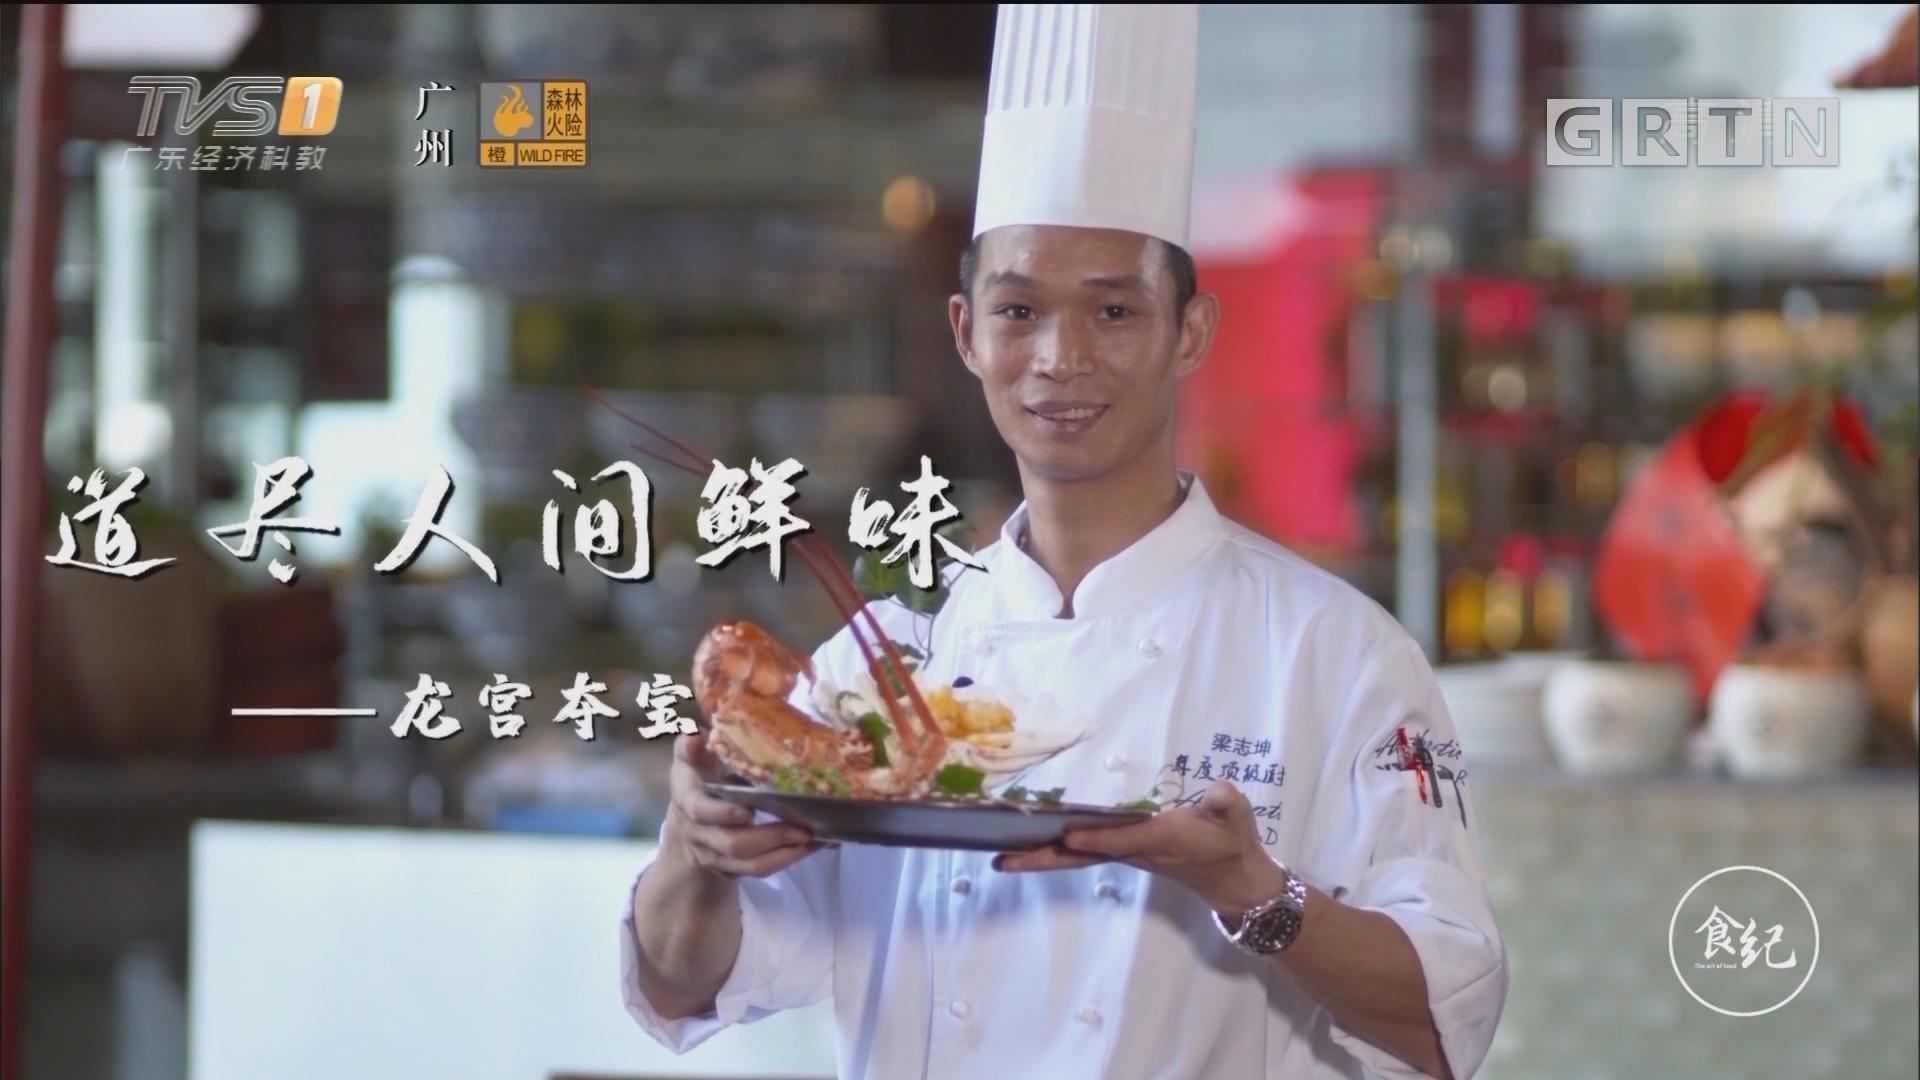 [HD][2019-09-24]马后炮生活+《美食特攻》:道尽人间鲜味——龙宫夺宝